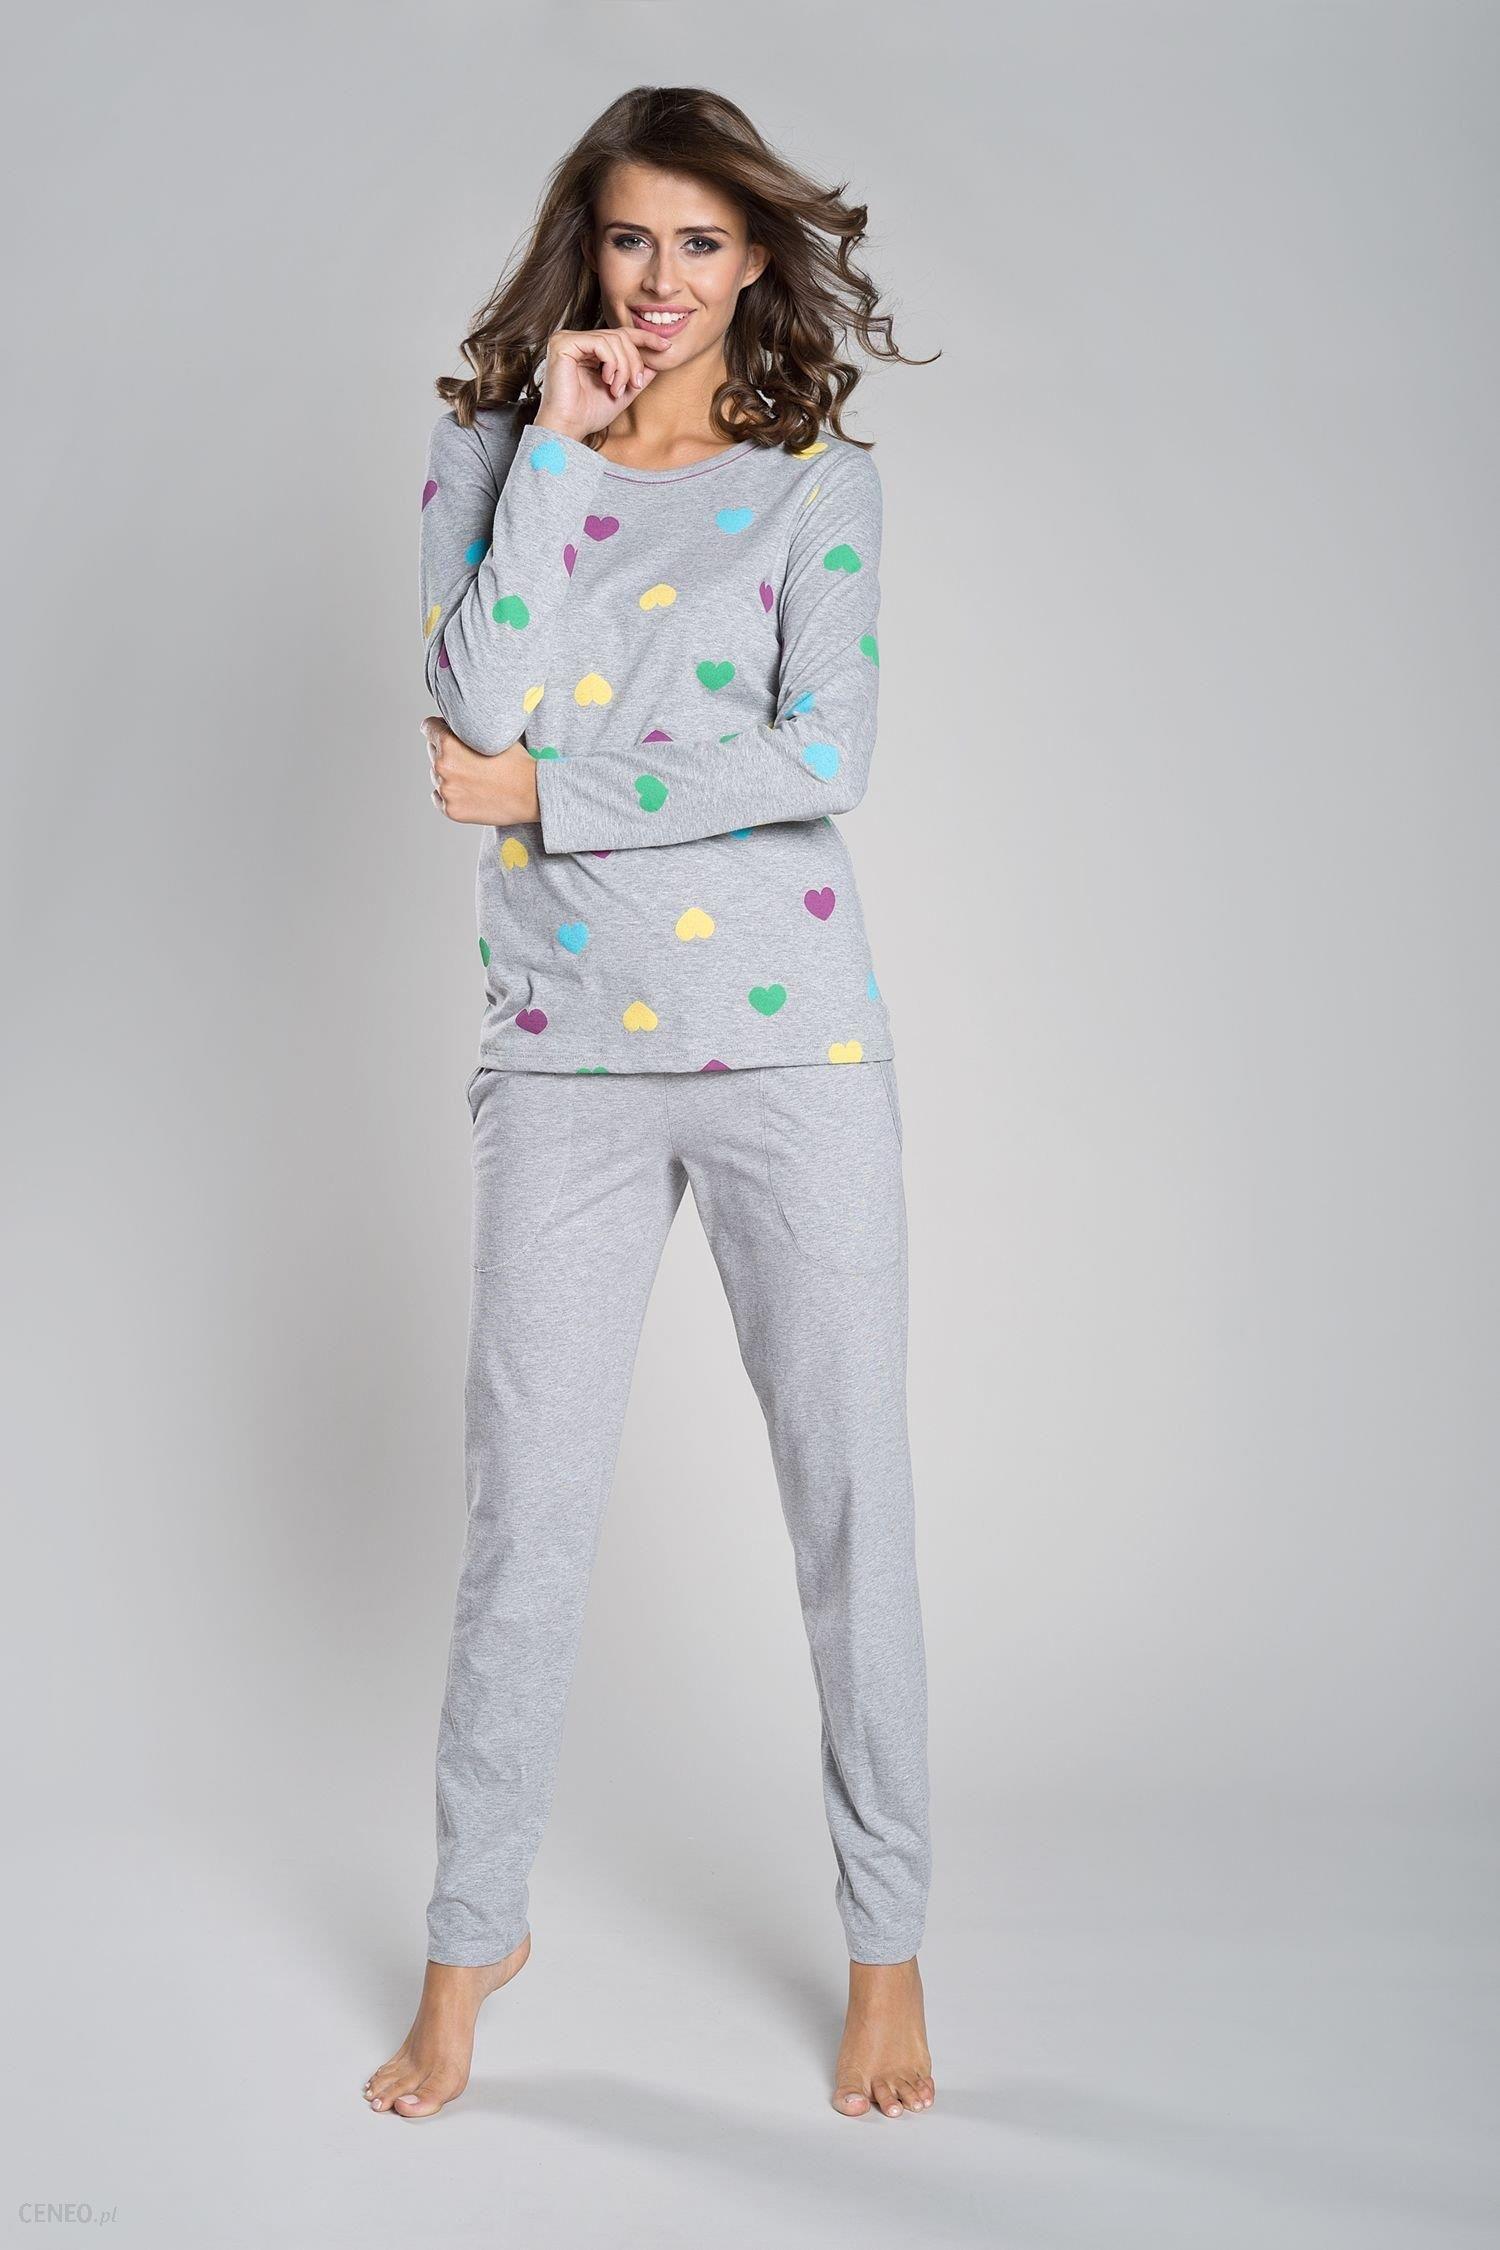 b2d36fe3b2a1ae Italian fashion Piżama damska Alla szara r. M. - Ceny i opinie ...